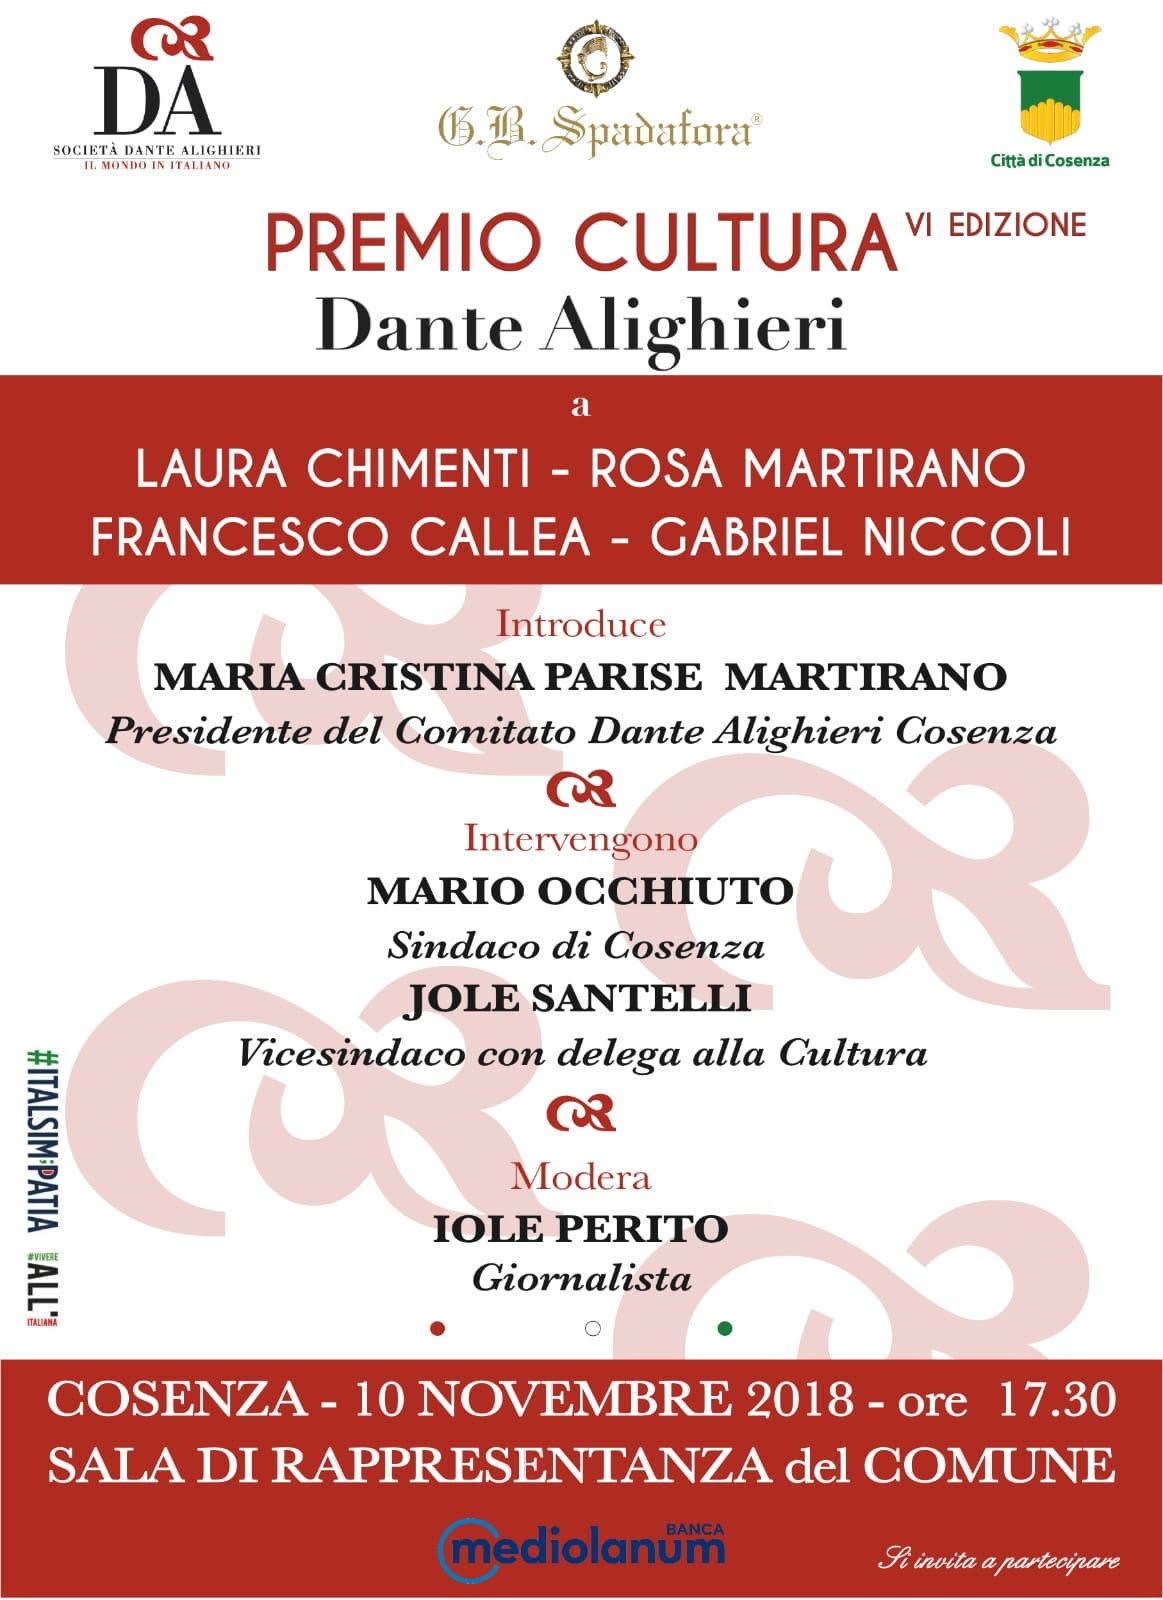 la locandina del premio cultura Dante Alighieri